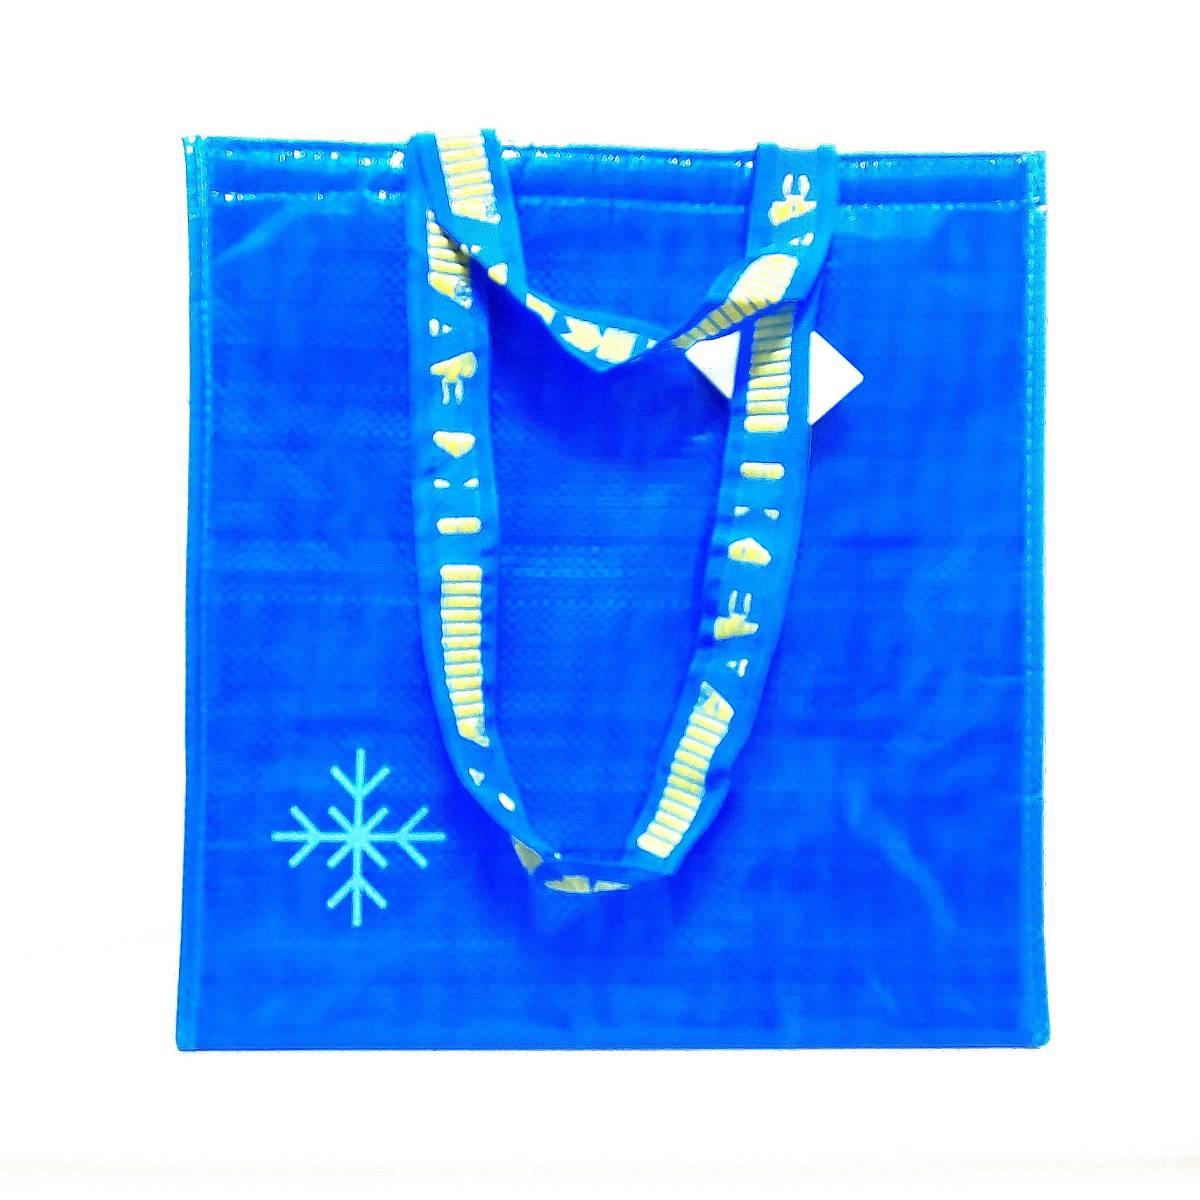 ≪ イケア FRAKTA フラクタ クーラーバッグ ≫ IKEA 保冷バッグ レジャー グッズ アウトドア ブルーバッグ コストコ カルディ エコバッグ_画像2